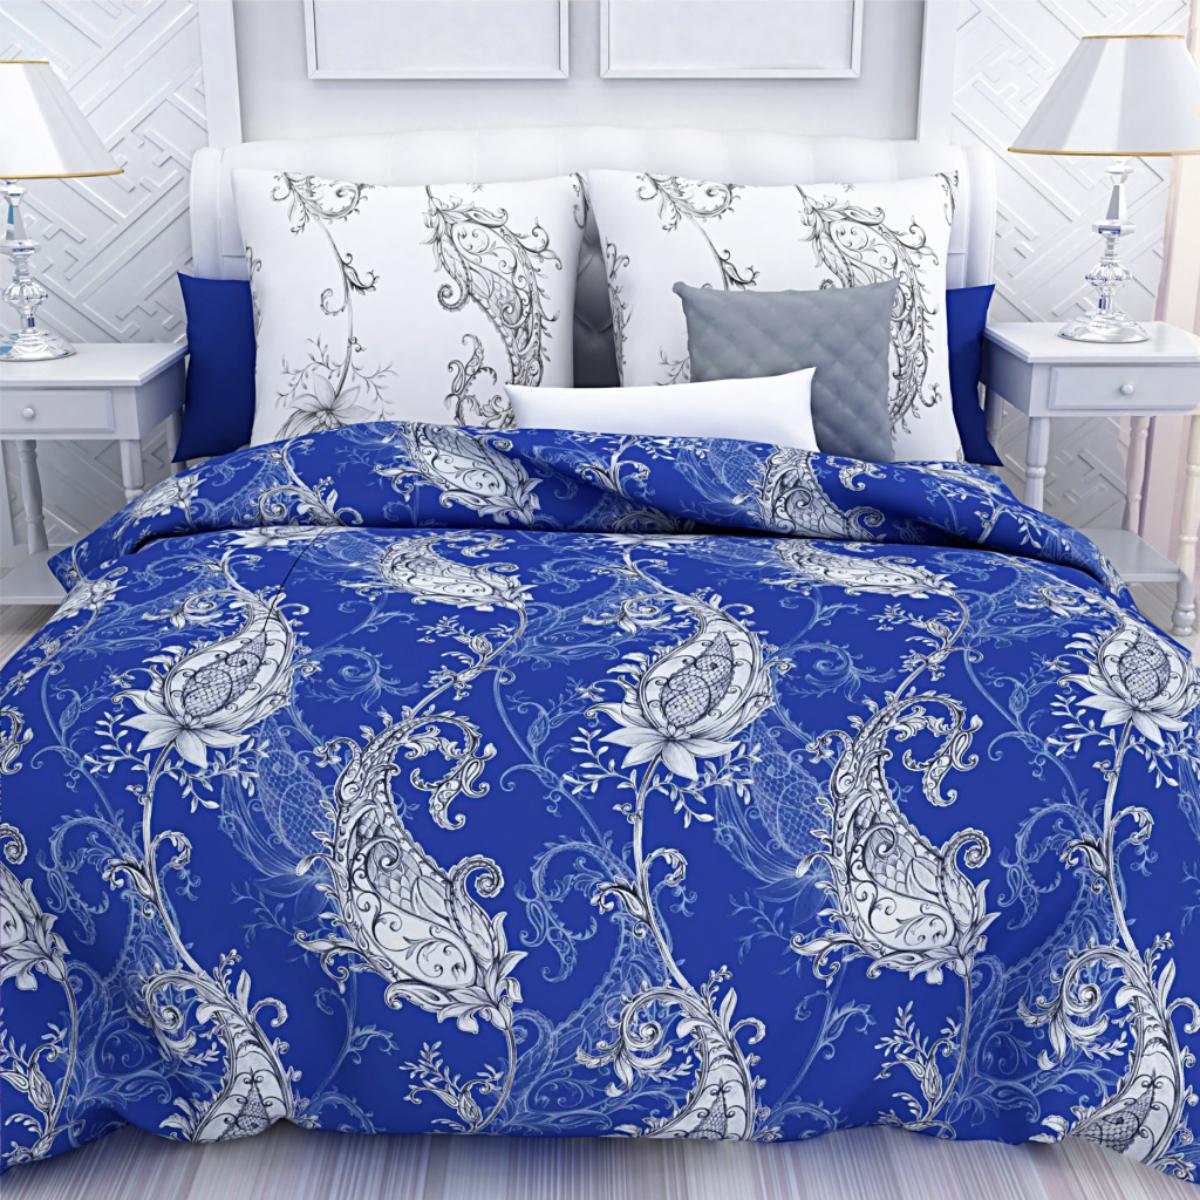 Комплект белья Унисон Сапфир, евро, наволочки 70 х 70, цвет: синий. 286309286309Постельное белье торговой марки «Унисон Биоматин» - это домашний текстиль премиум класса с эксклюзивными дизайнами в разнообразных стилистических решениях. Комплекты данной серии выполнены из ткани «биоматин» - это 100% хлопок высочайшего качества, мягкий, тонкий и легкий, но при этом прочный, долговечный и очень практичный, с повышенным показателем износостойкости, обладающий грязе- и пылеотталкивающими свойствами, долго сохраняющий чистоту и свежесть постельного белья, гипоаллергенный.